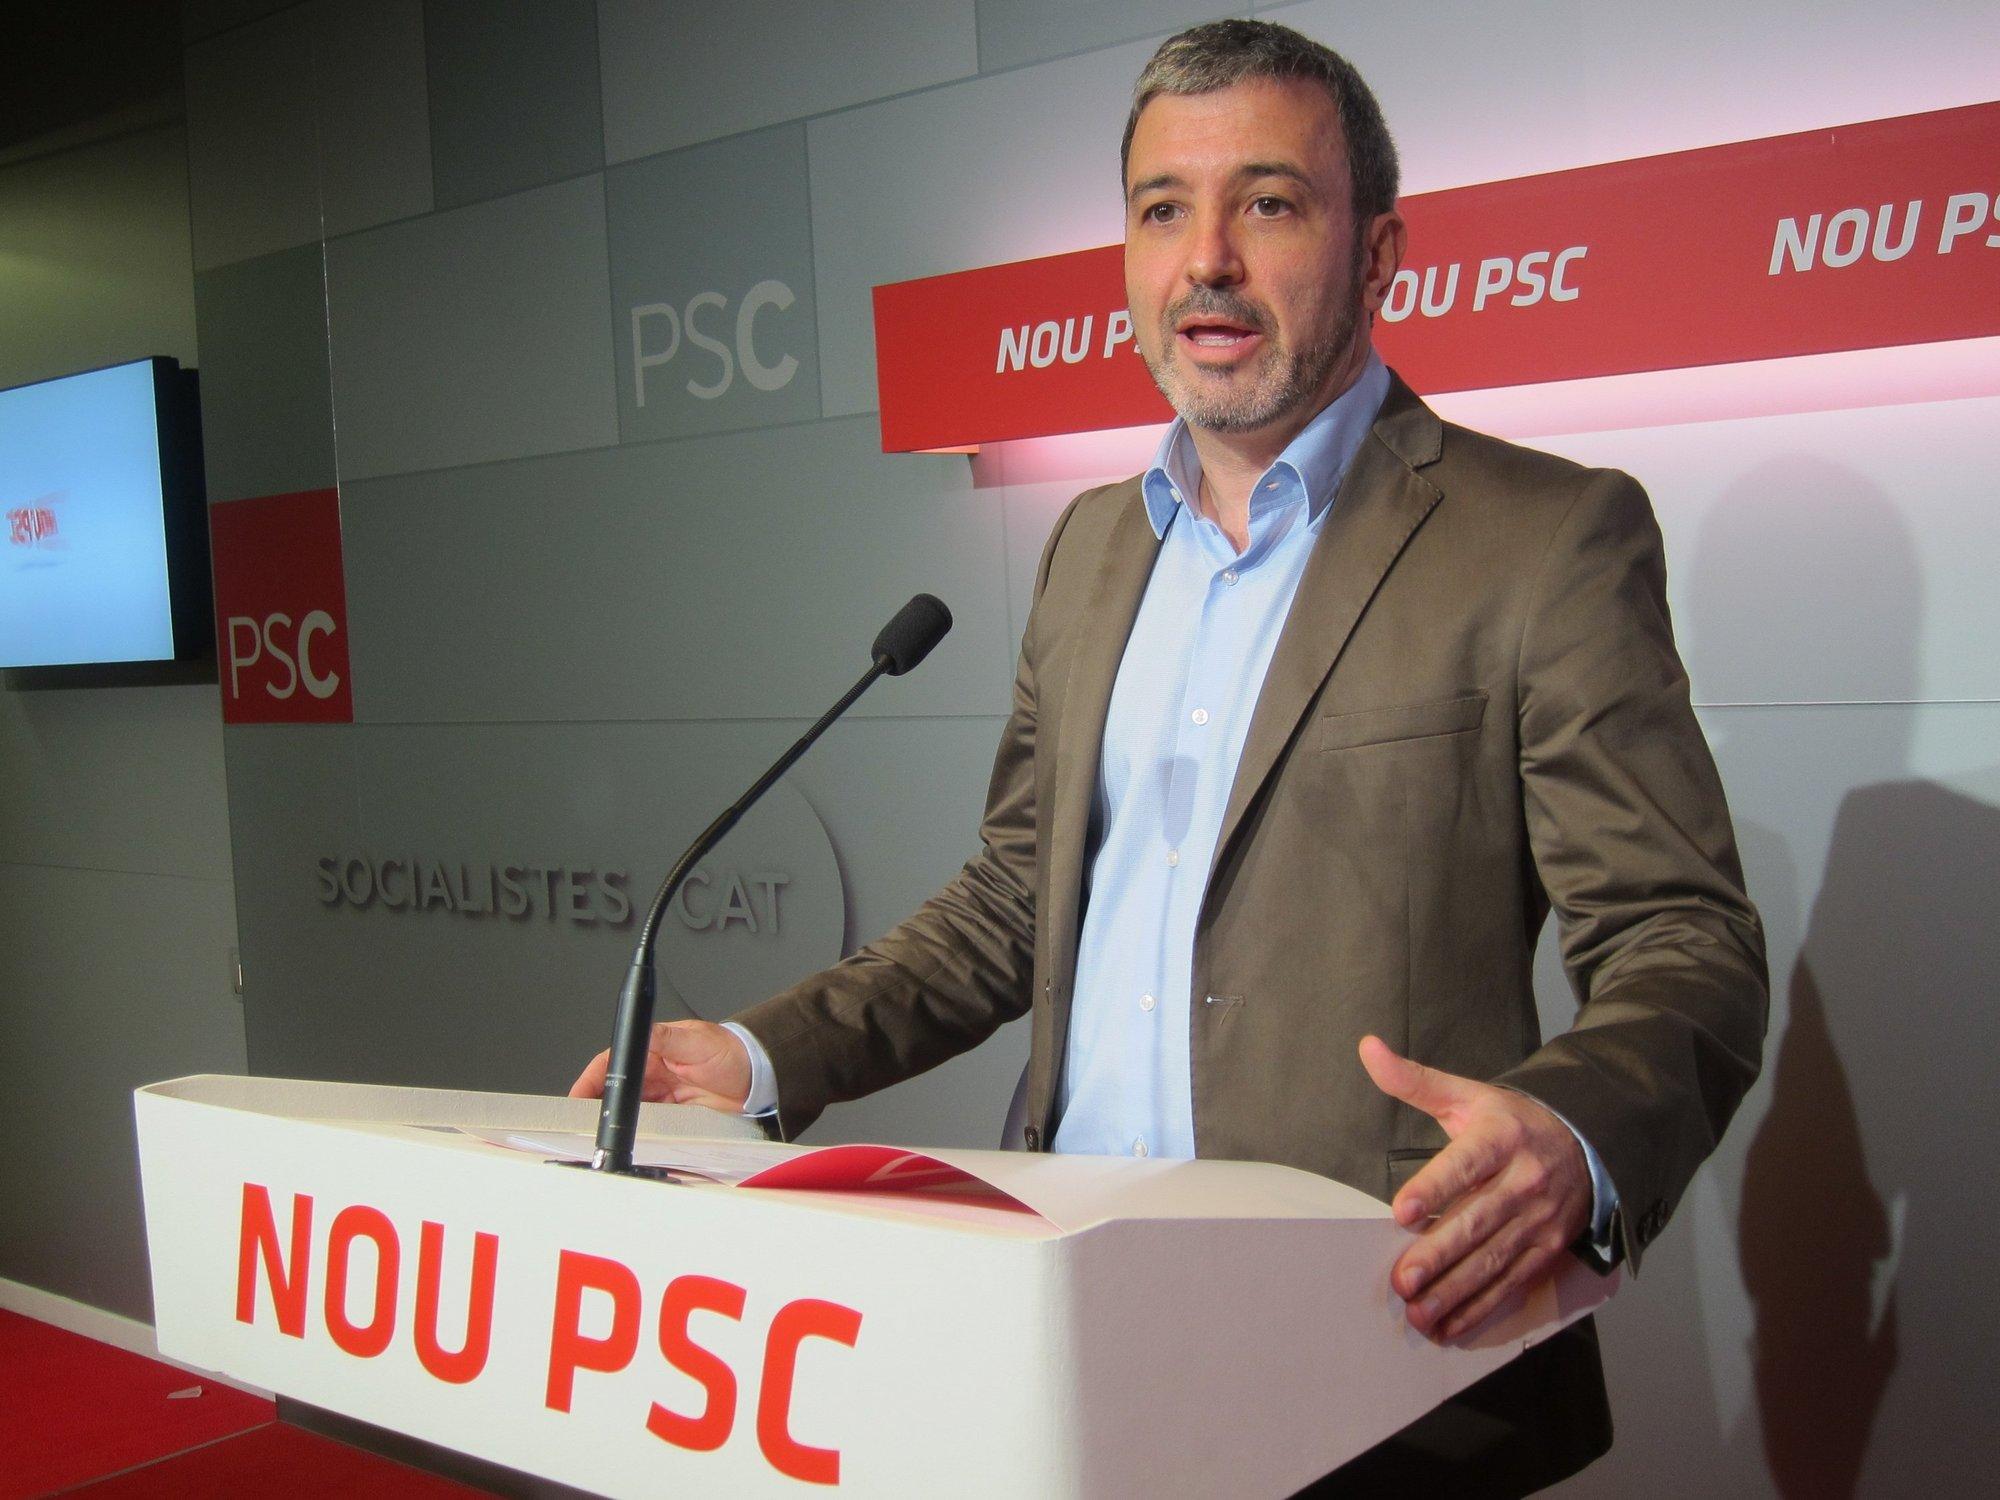 El PSC arremete contra el Govern por el recorte «unilateral» al sueldo de sus empleados